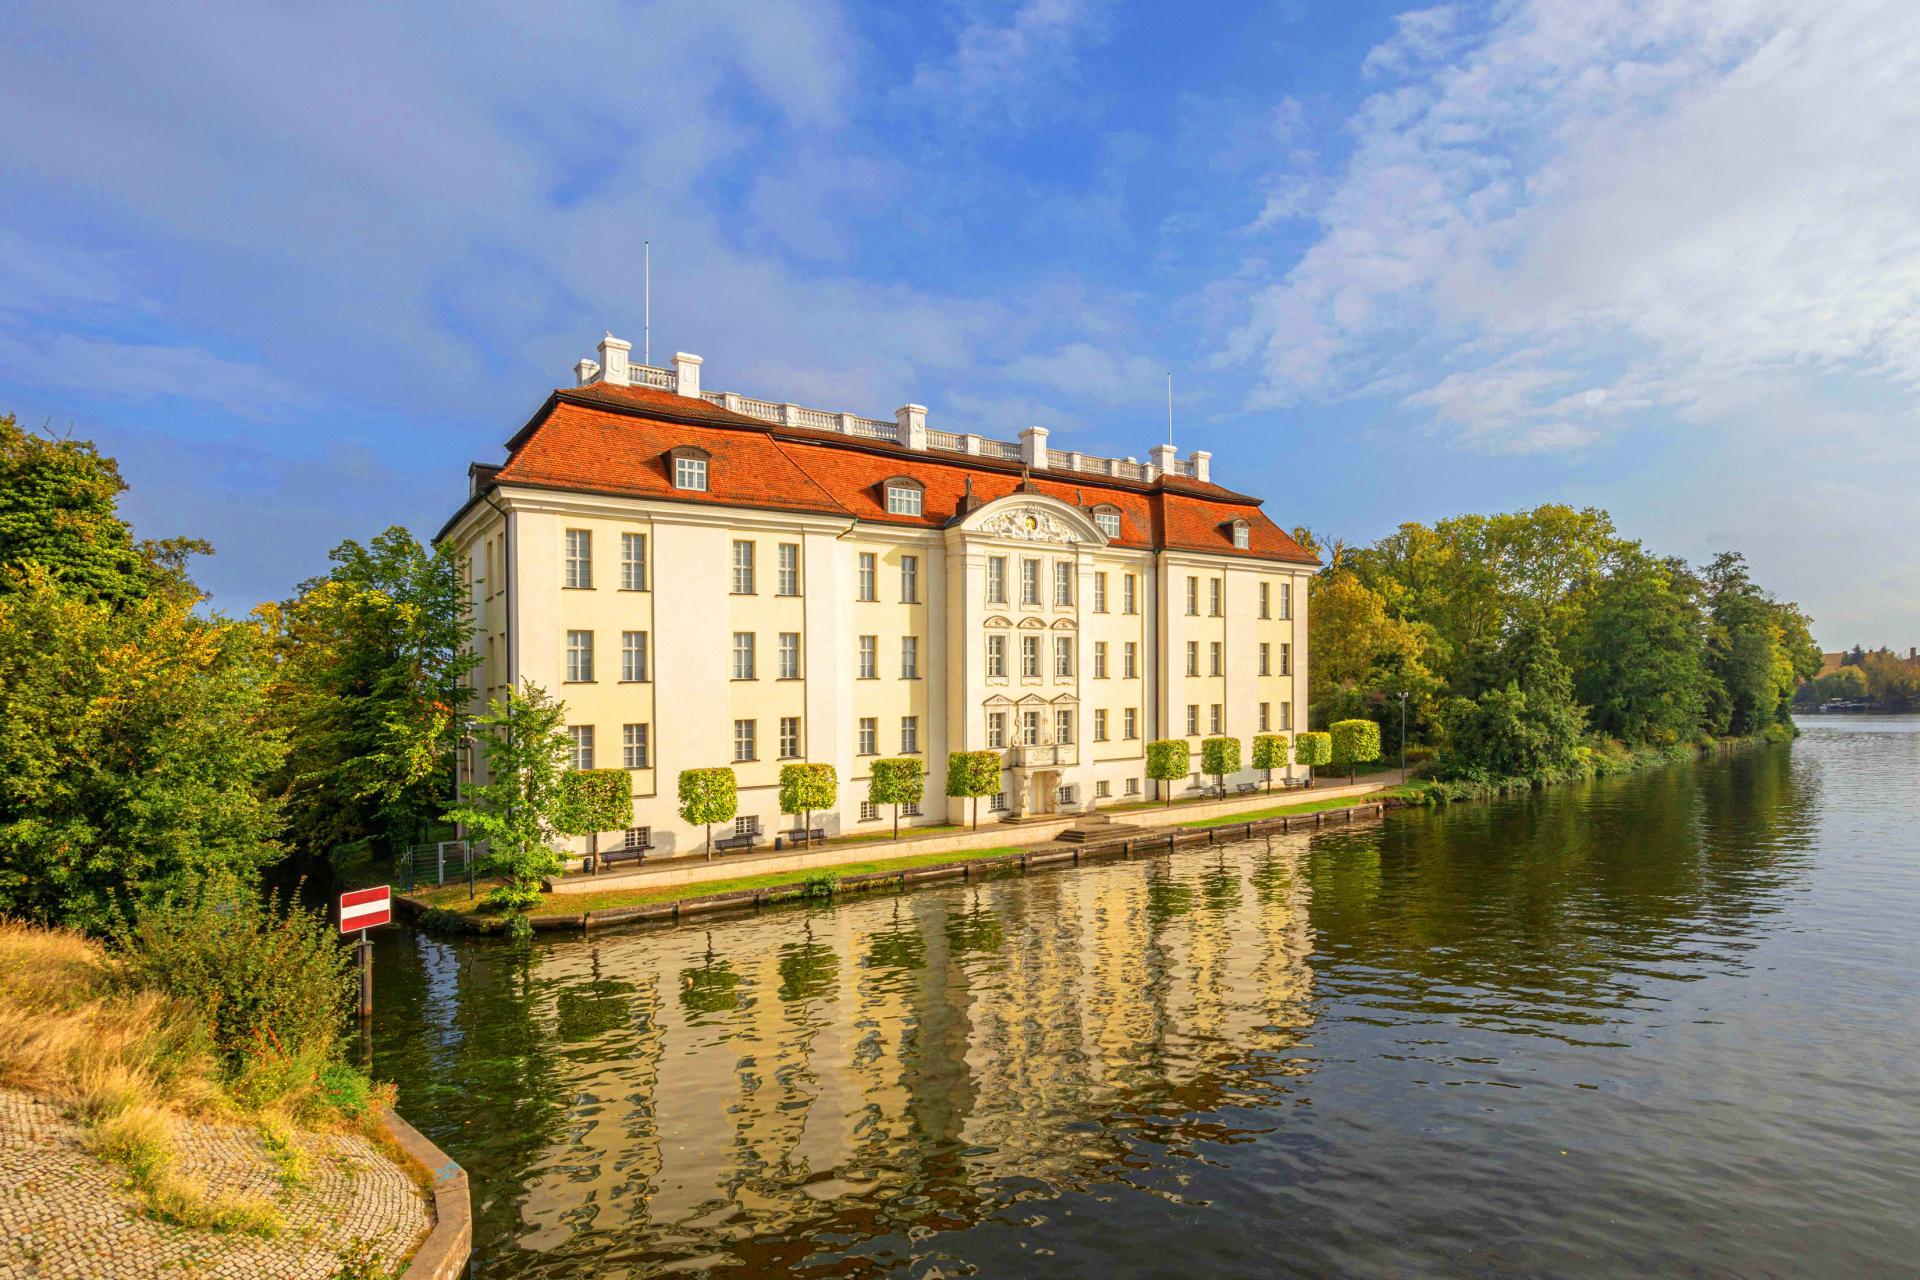 Schloss Köpenick Wasseransicht, Foto: Steffen Ostermaier